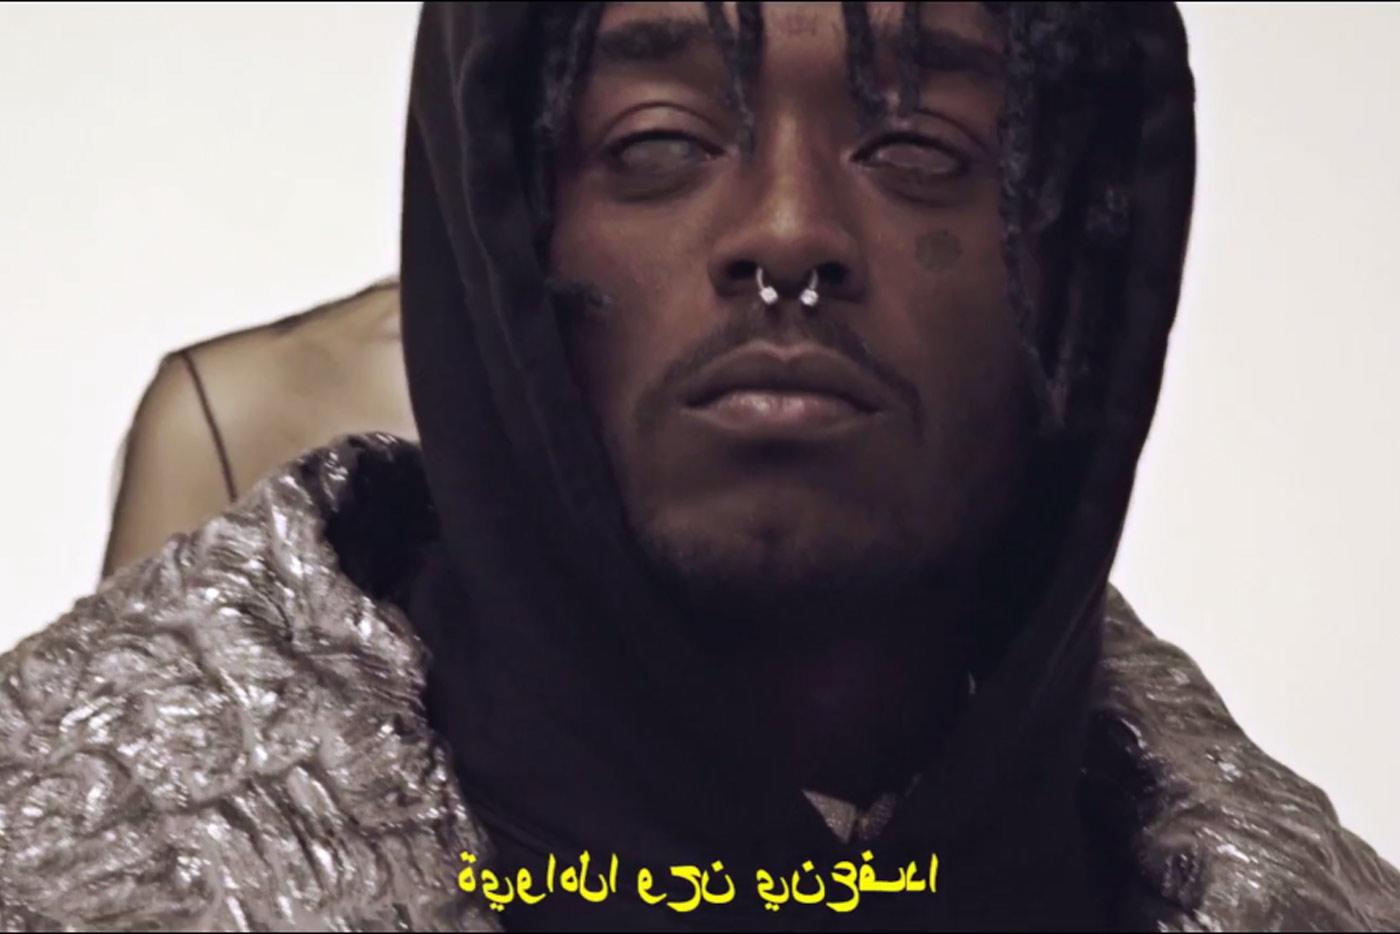 """Lil Uzi Vert enrola a The Weeknd para el nuevo vídeo de """"XO Tour Llif3"""""""